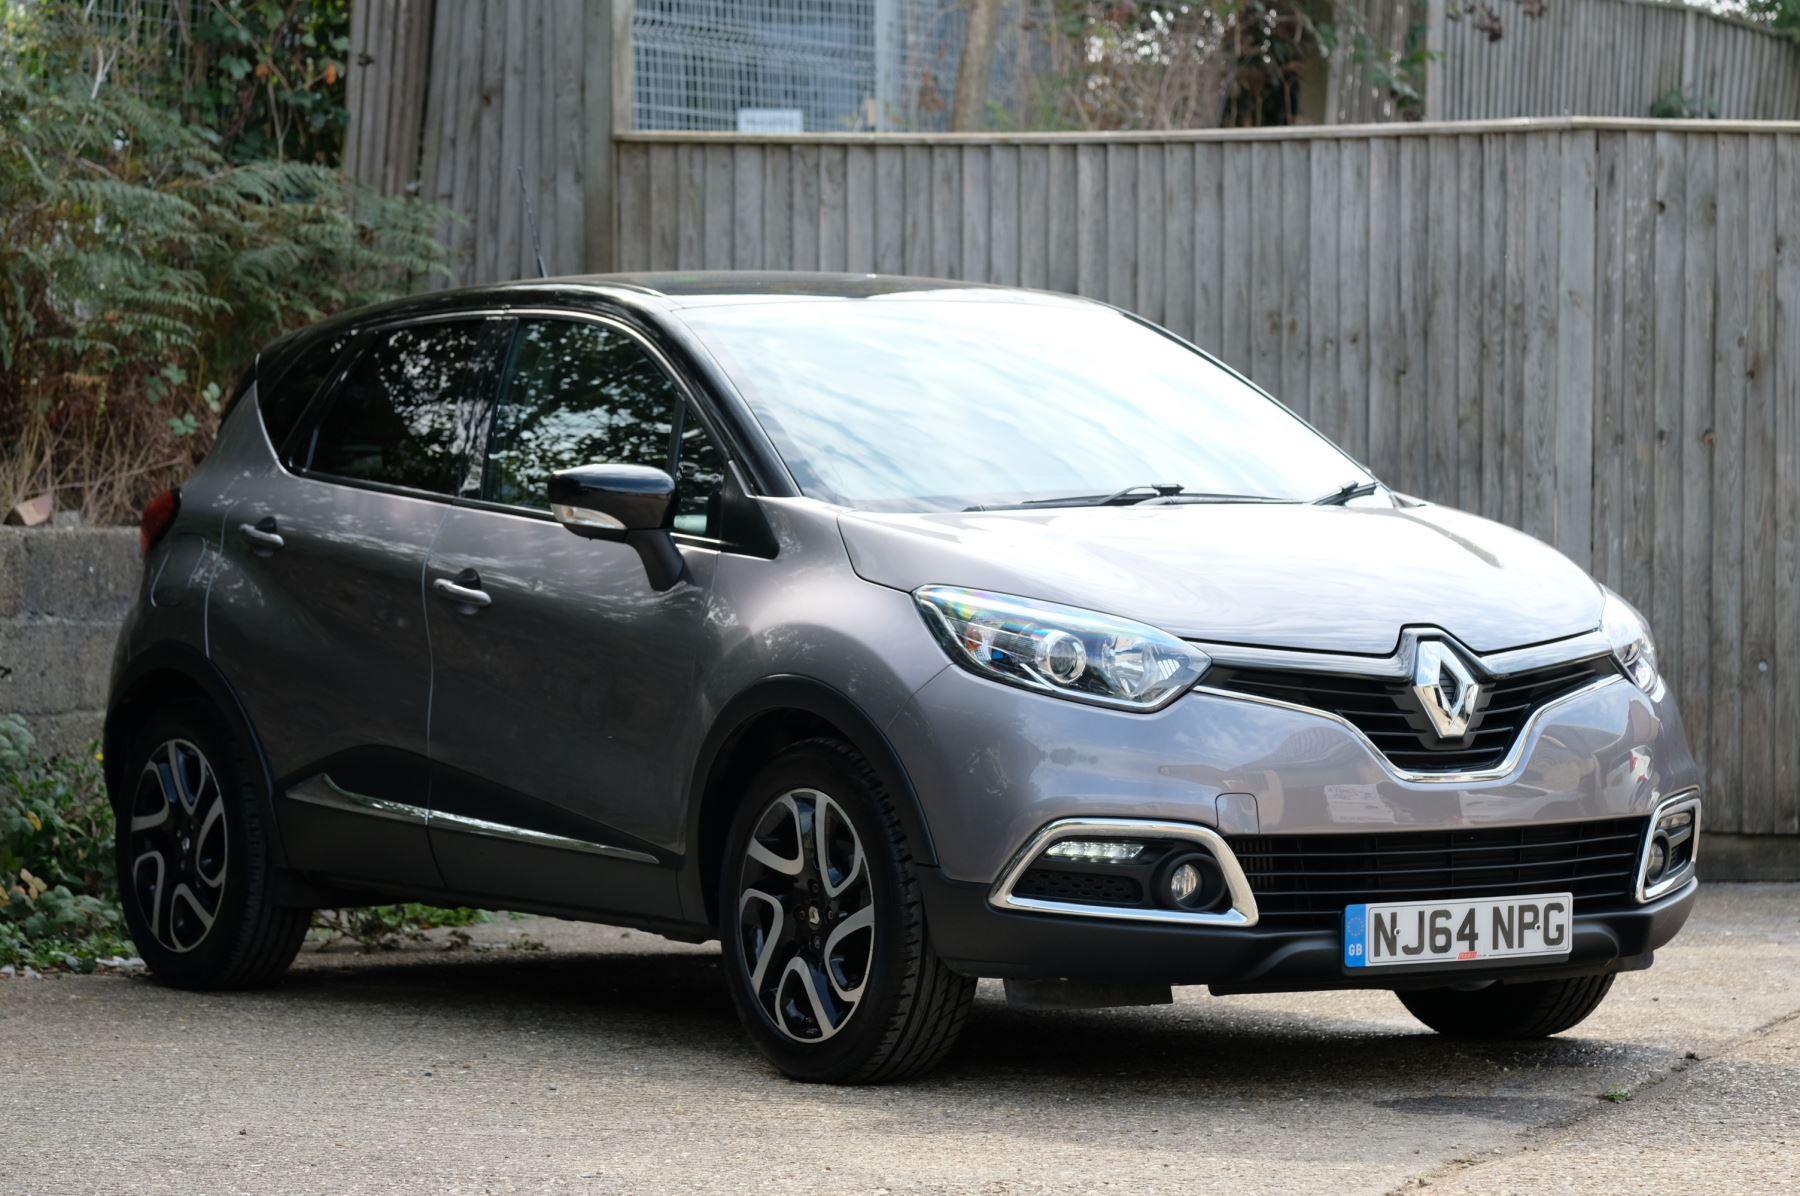 Renault Captur 1.5 dCi 90 Dynamique S MediaNav Energy 5dr Diesel Hatchback (2014)